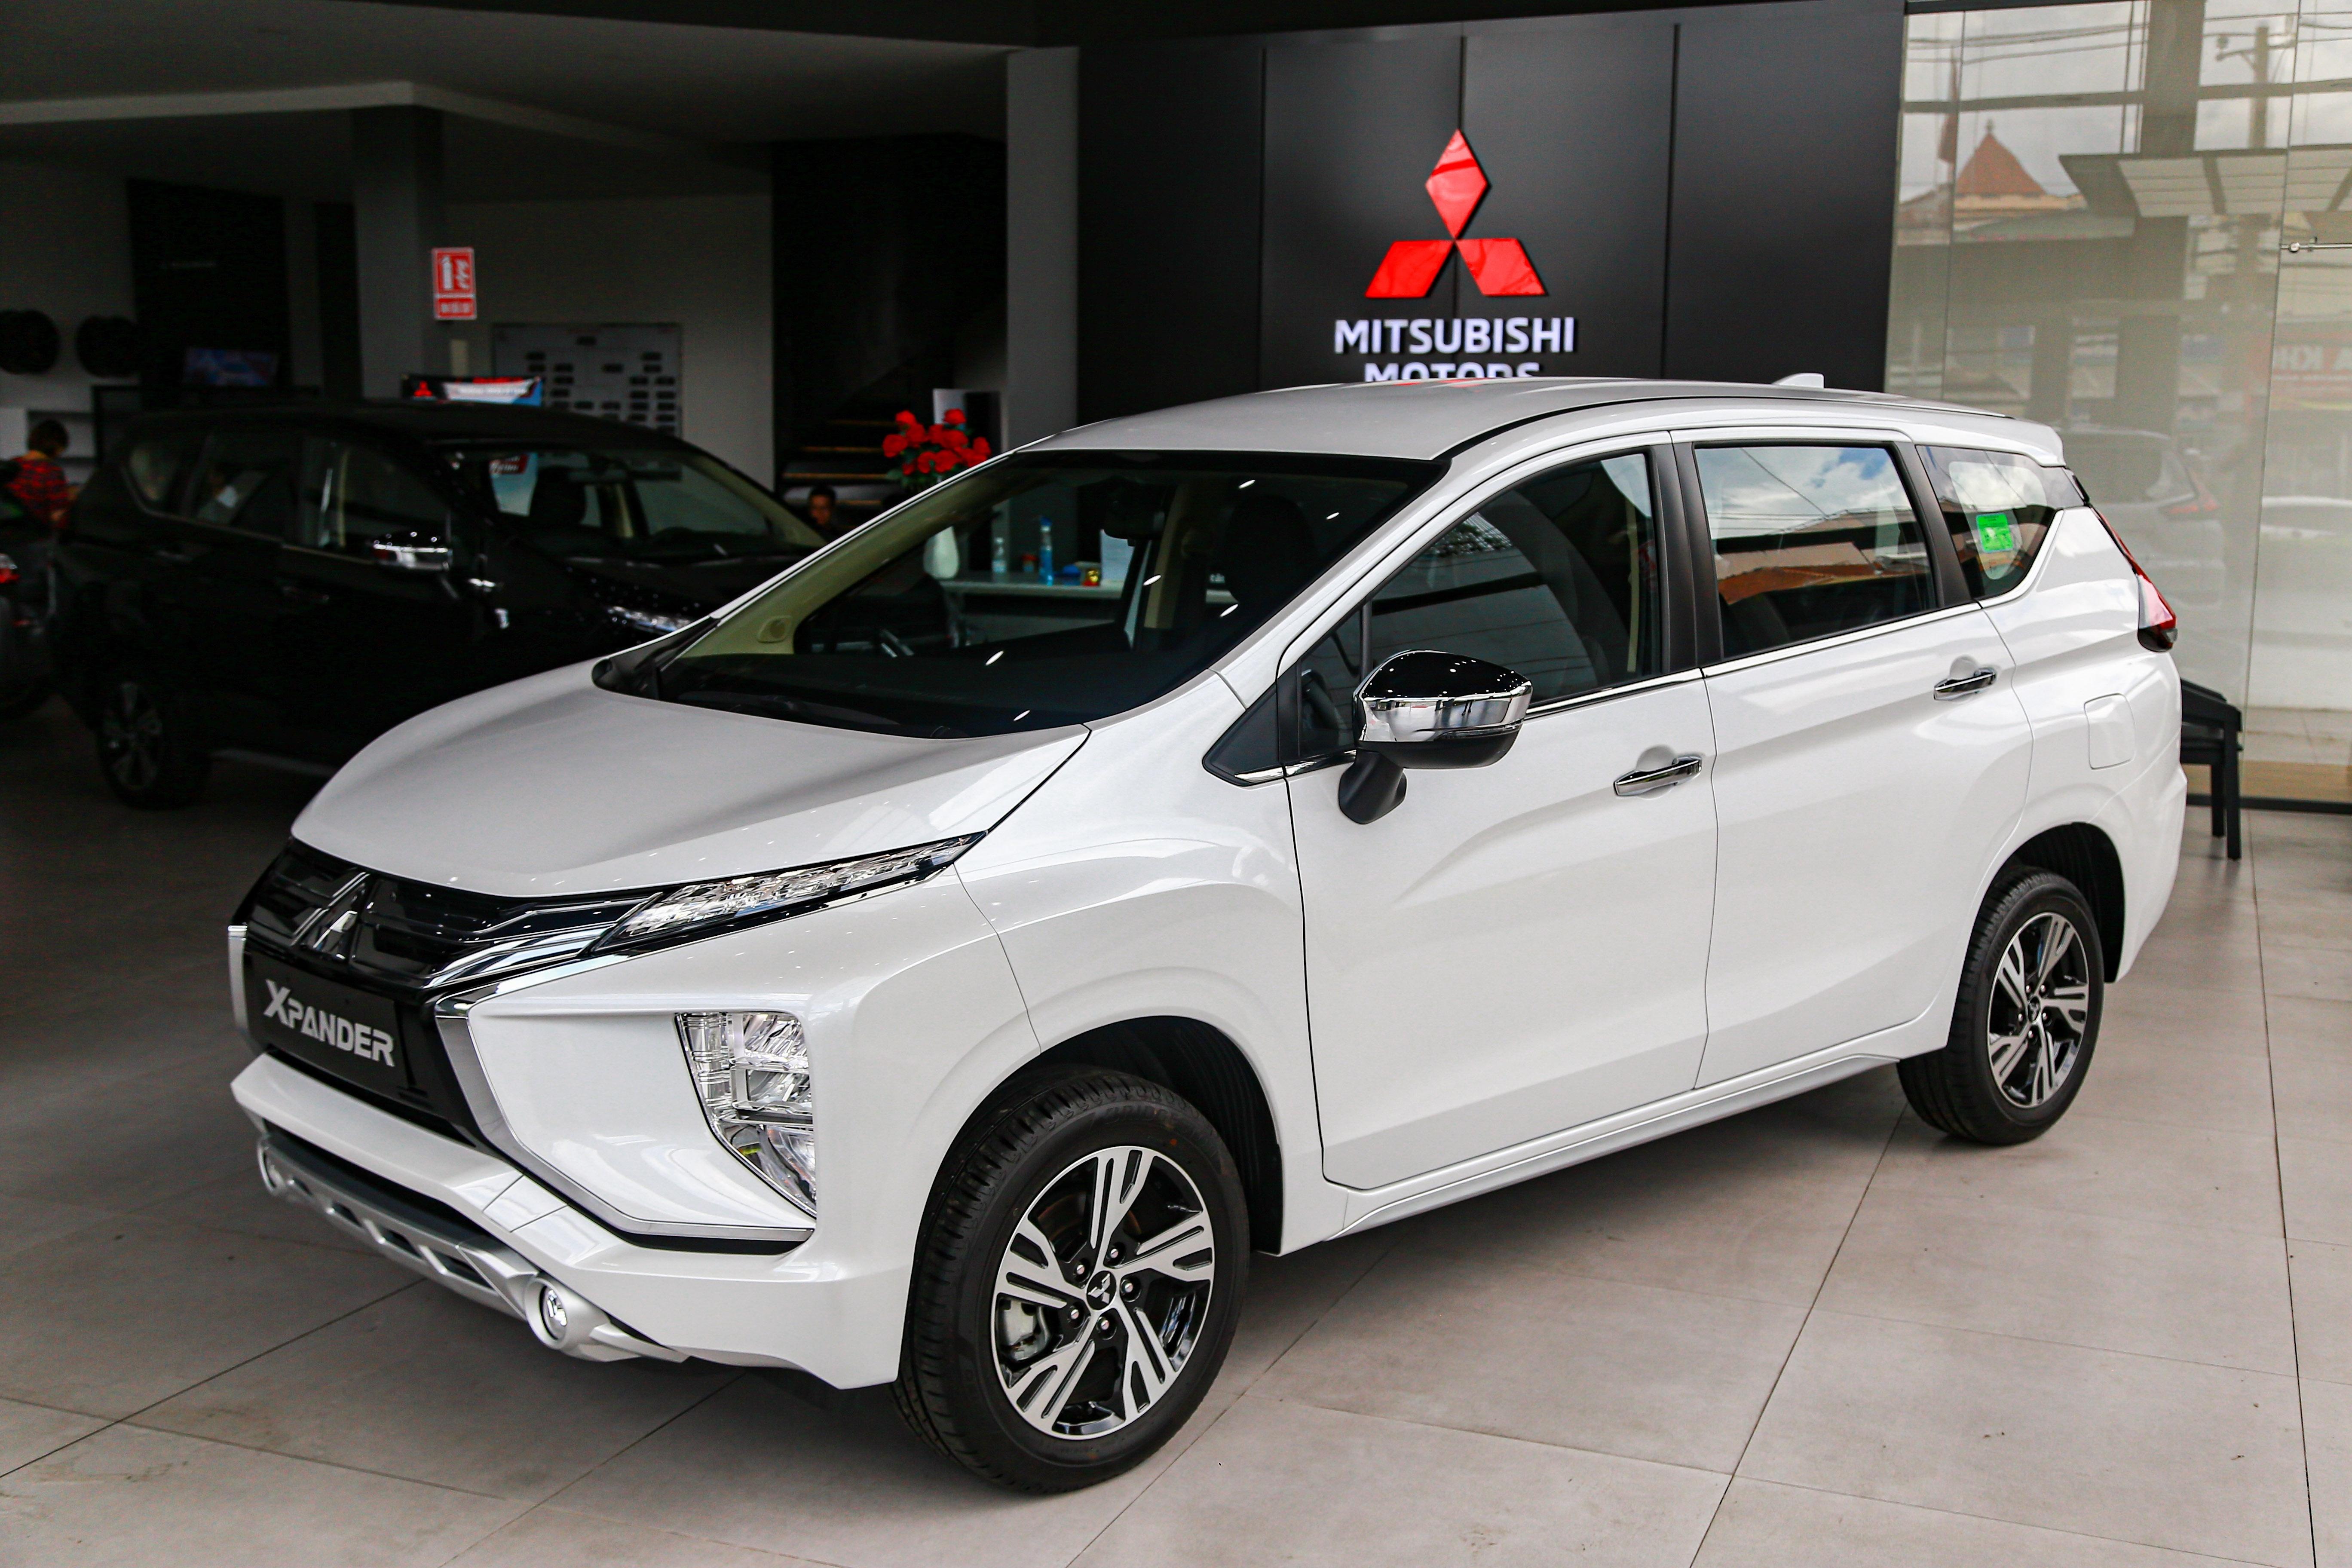 5. Mitsubishi Xpander: 1.683 xeThứ hạng của Mitsubishi Xpander tăng 2 bậc so với tháng trước đó. Trong tháng 10, mẫu MPV bình dân có doanh số 1.683 xe, tăng 213 xe. Dù không còn thường xuyên nằm ở top đầu như năm trước, Mitsubishi Xpander vẫn cho thấy phong độ ổn định khi thường xuyên góp mặt trong nhóm xe bán chạy nhất tháng.Động cơ: 1.5LHộp số: Số sàn 5 cấp hoặc tự động 4 cấpGiá bán: 550-630 triệu đồng